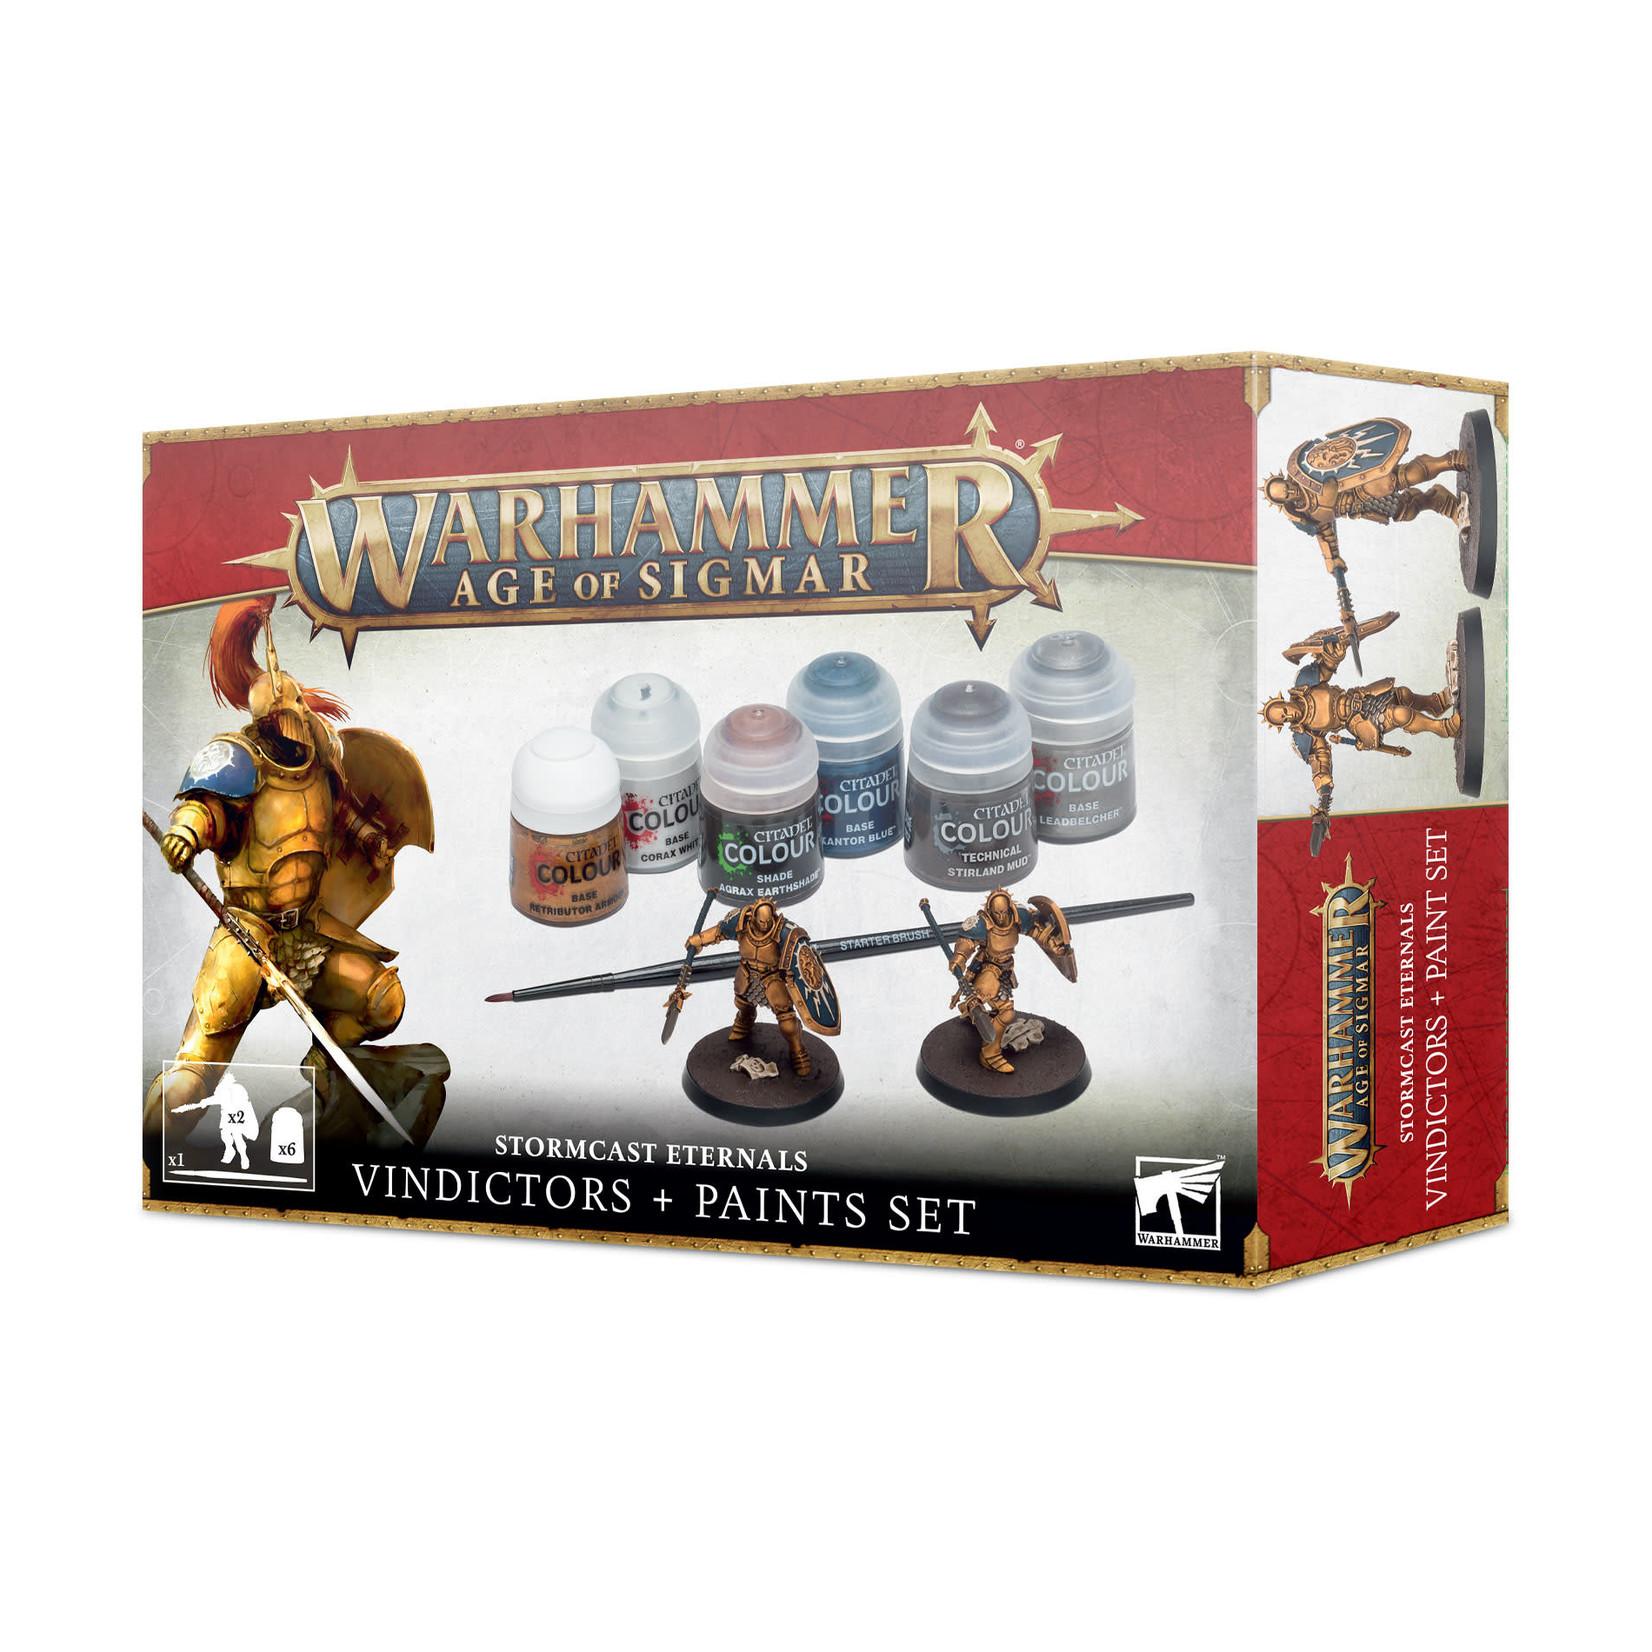 Games Workshop Warhammer Age of Sigmar: Stormcast Eternals - Vindictors + Paints Set